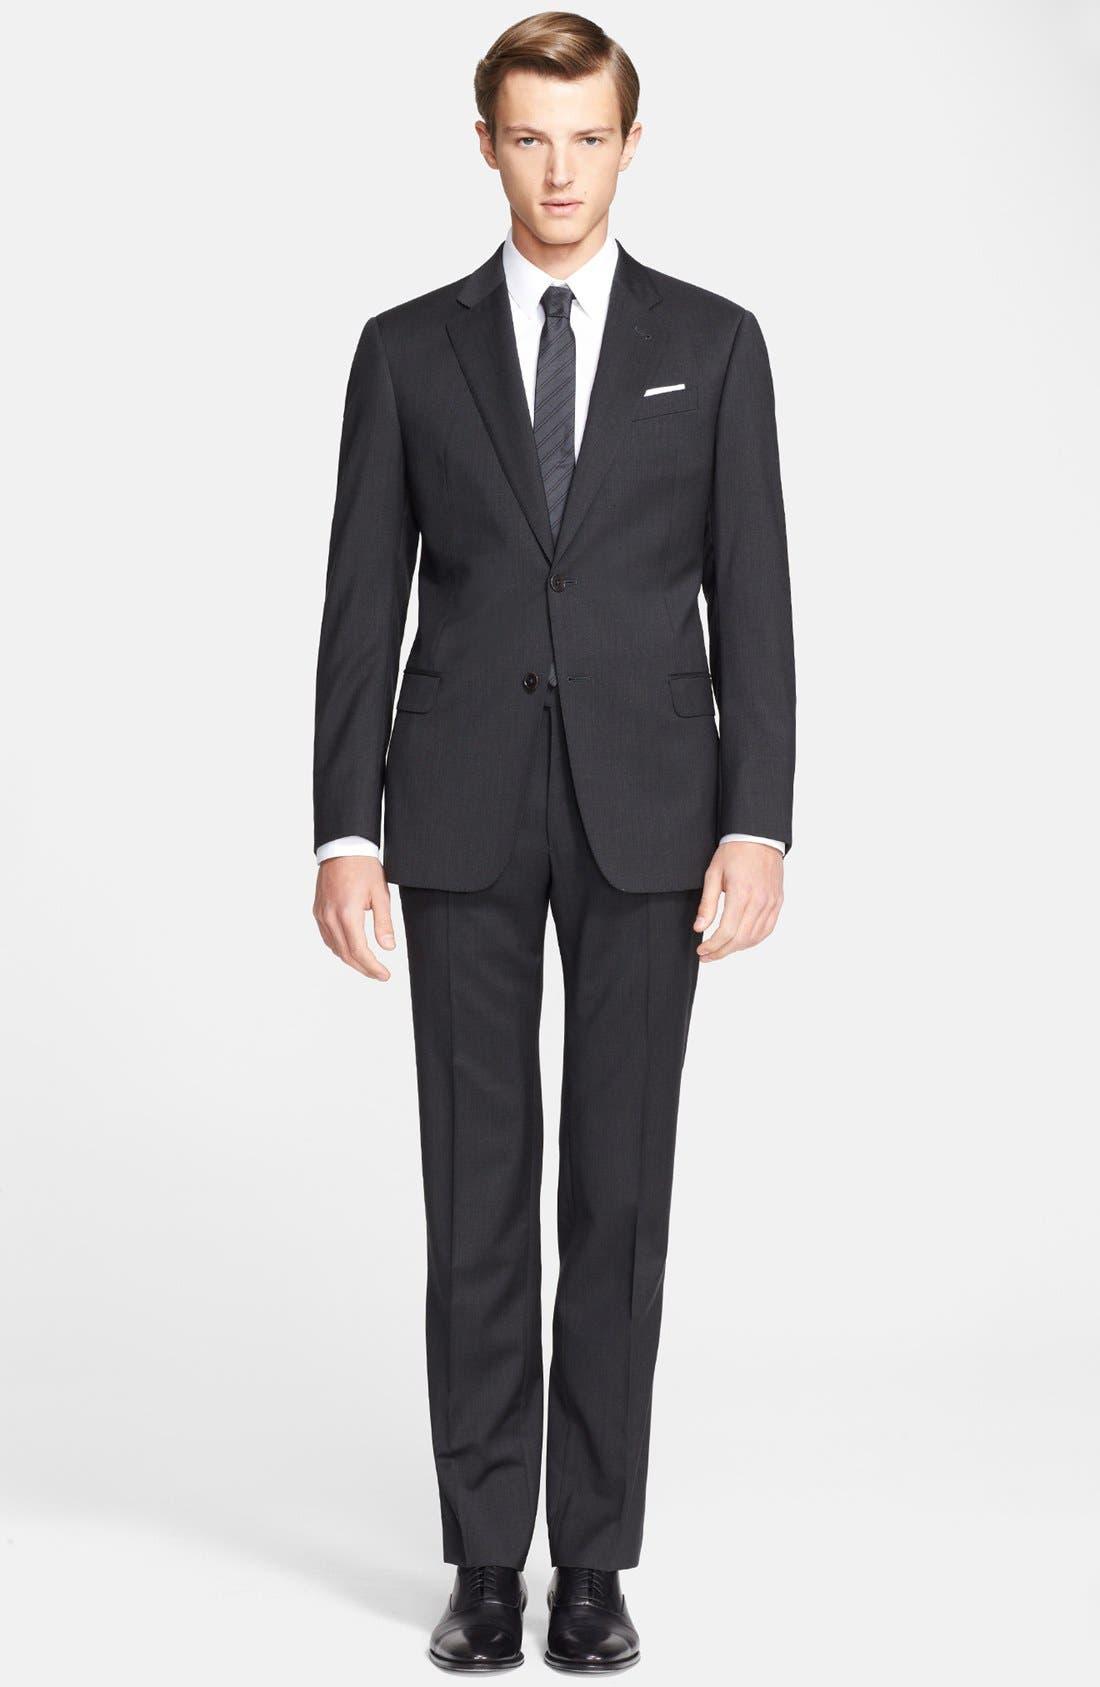 'G-Line' Trim Fit Solid Wool Suit,                             Main thumbnail 1, color,                             020